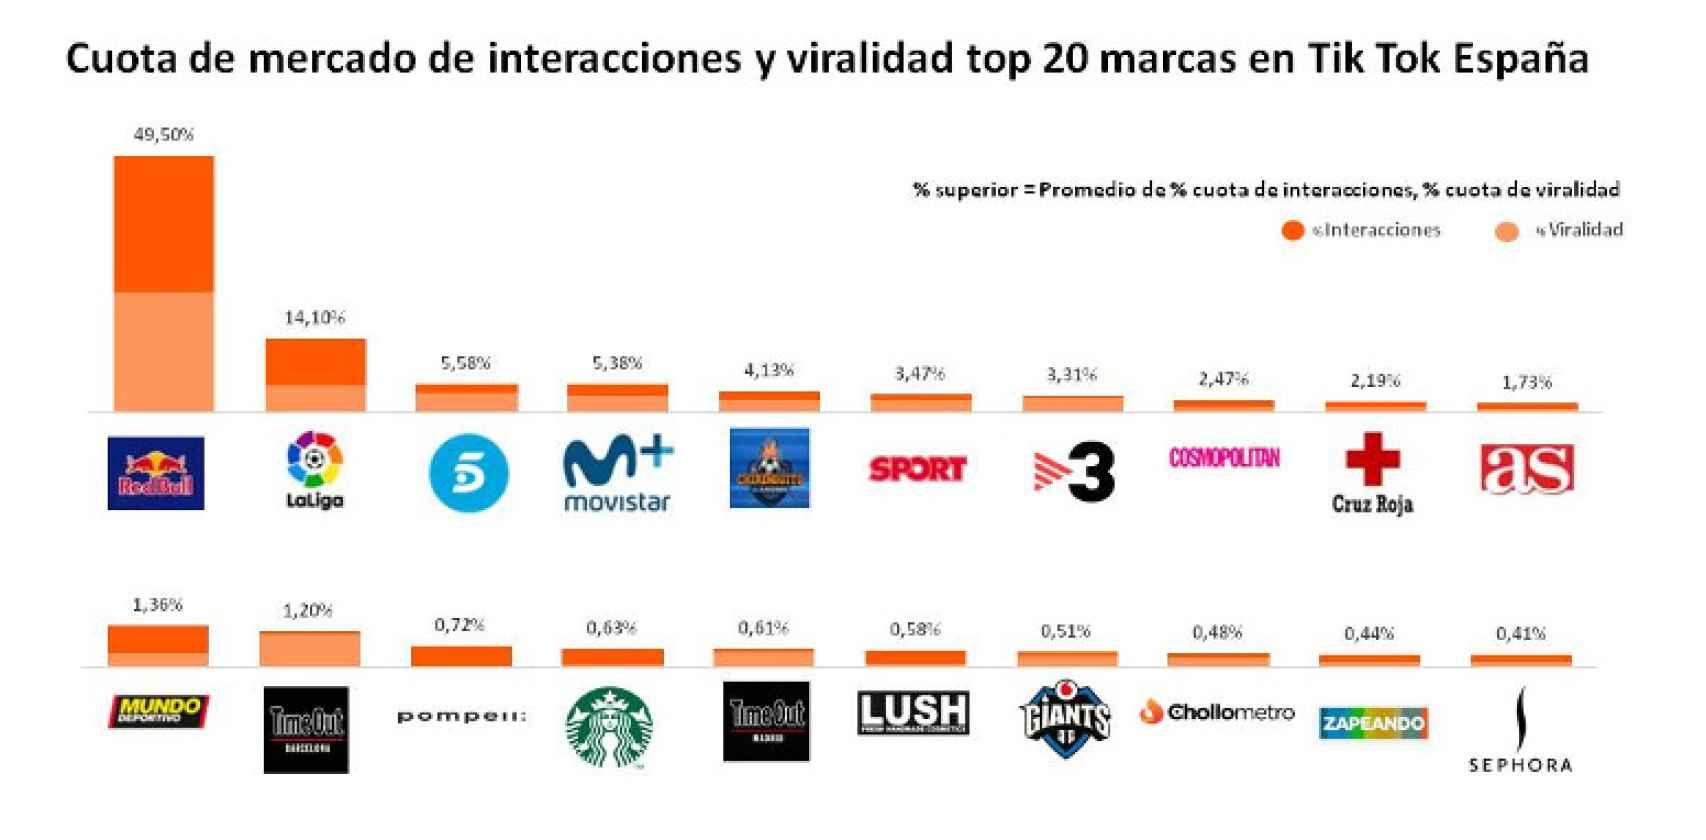 La clasificación de las empresas españolas que mejor rentabilizan su presencia en Tik Tok.